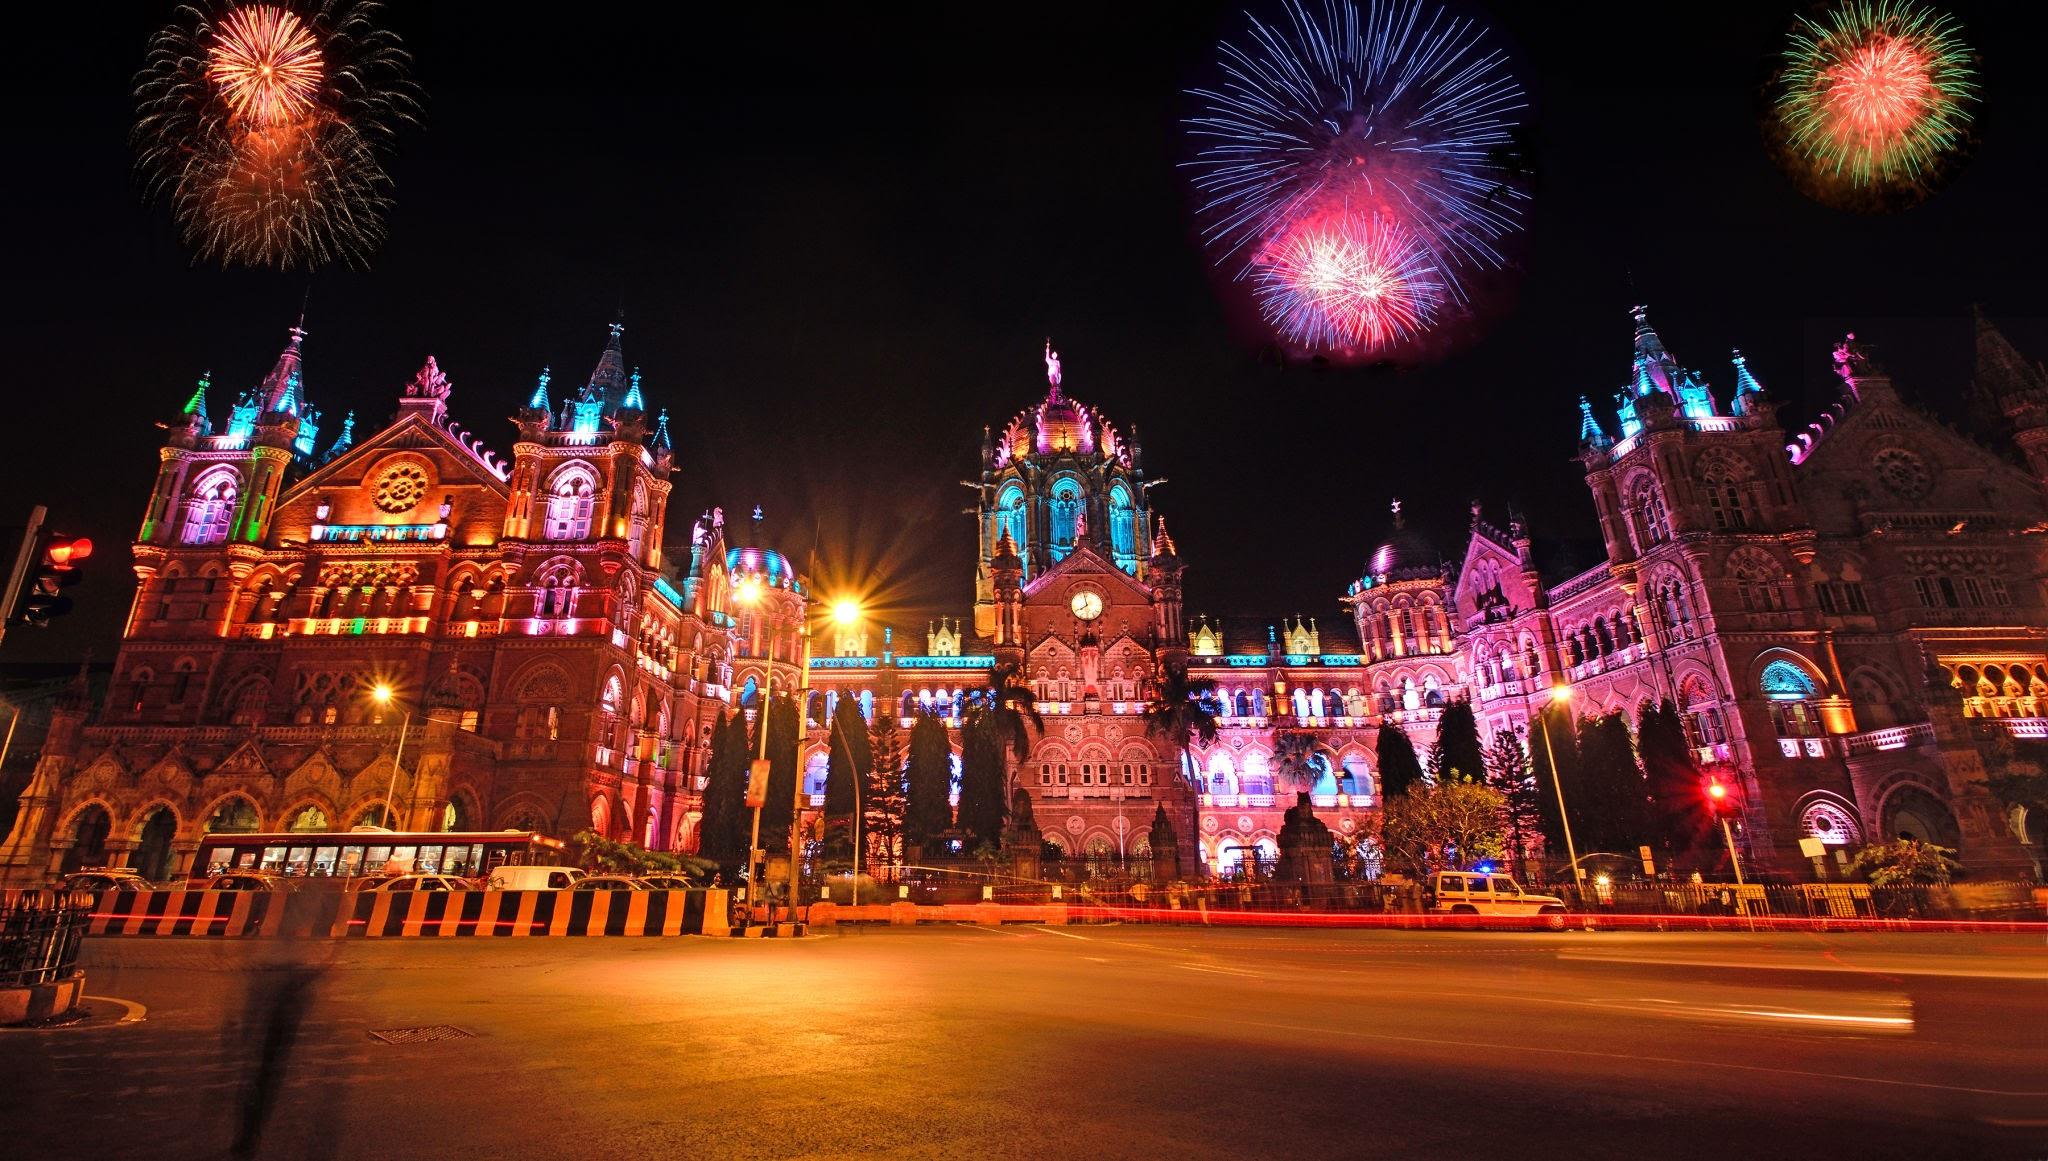 الاماكن السياحية في مومباي محطة قطار جاتراباتى شيواجى